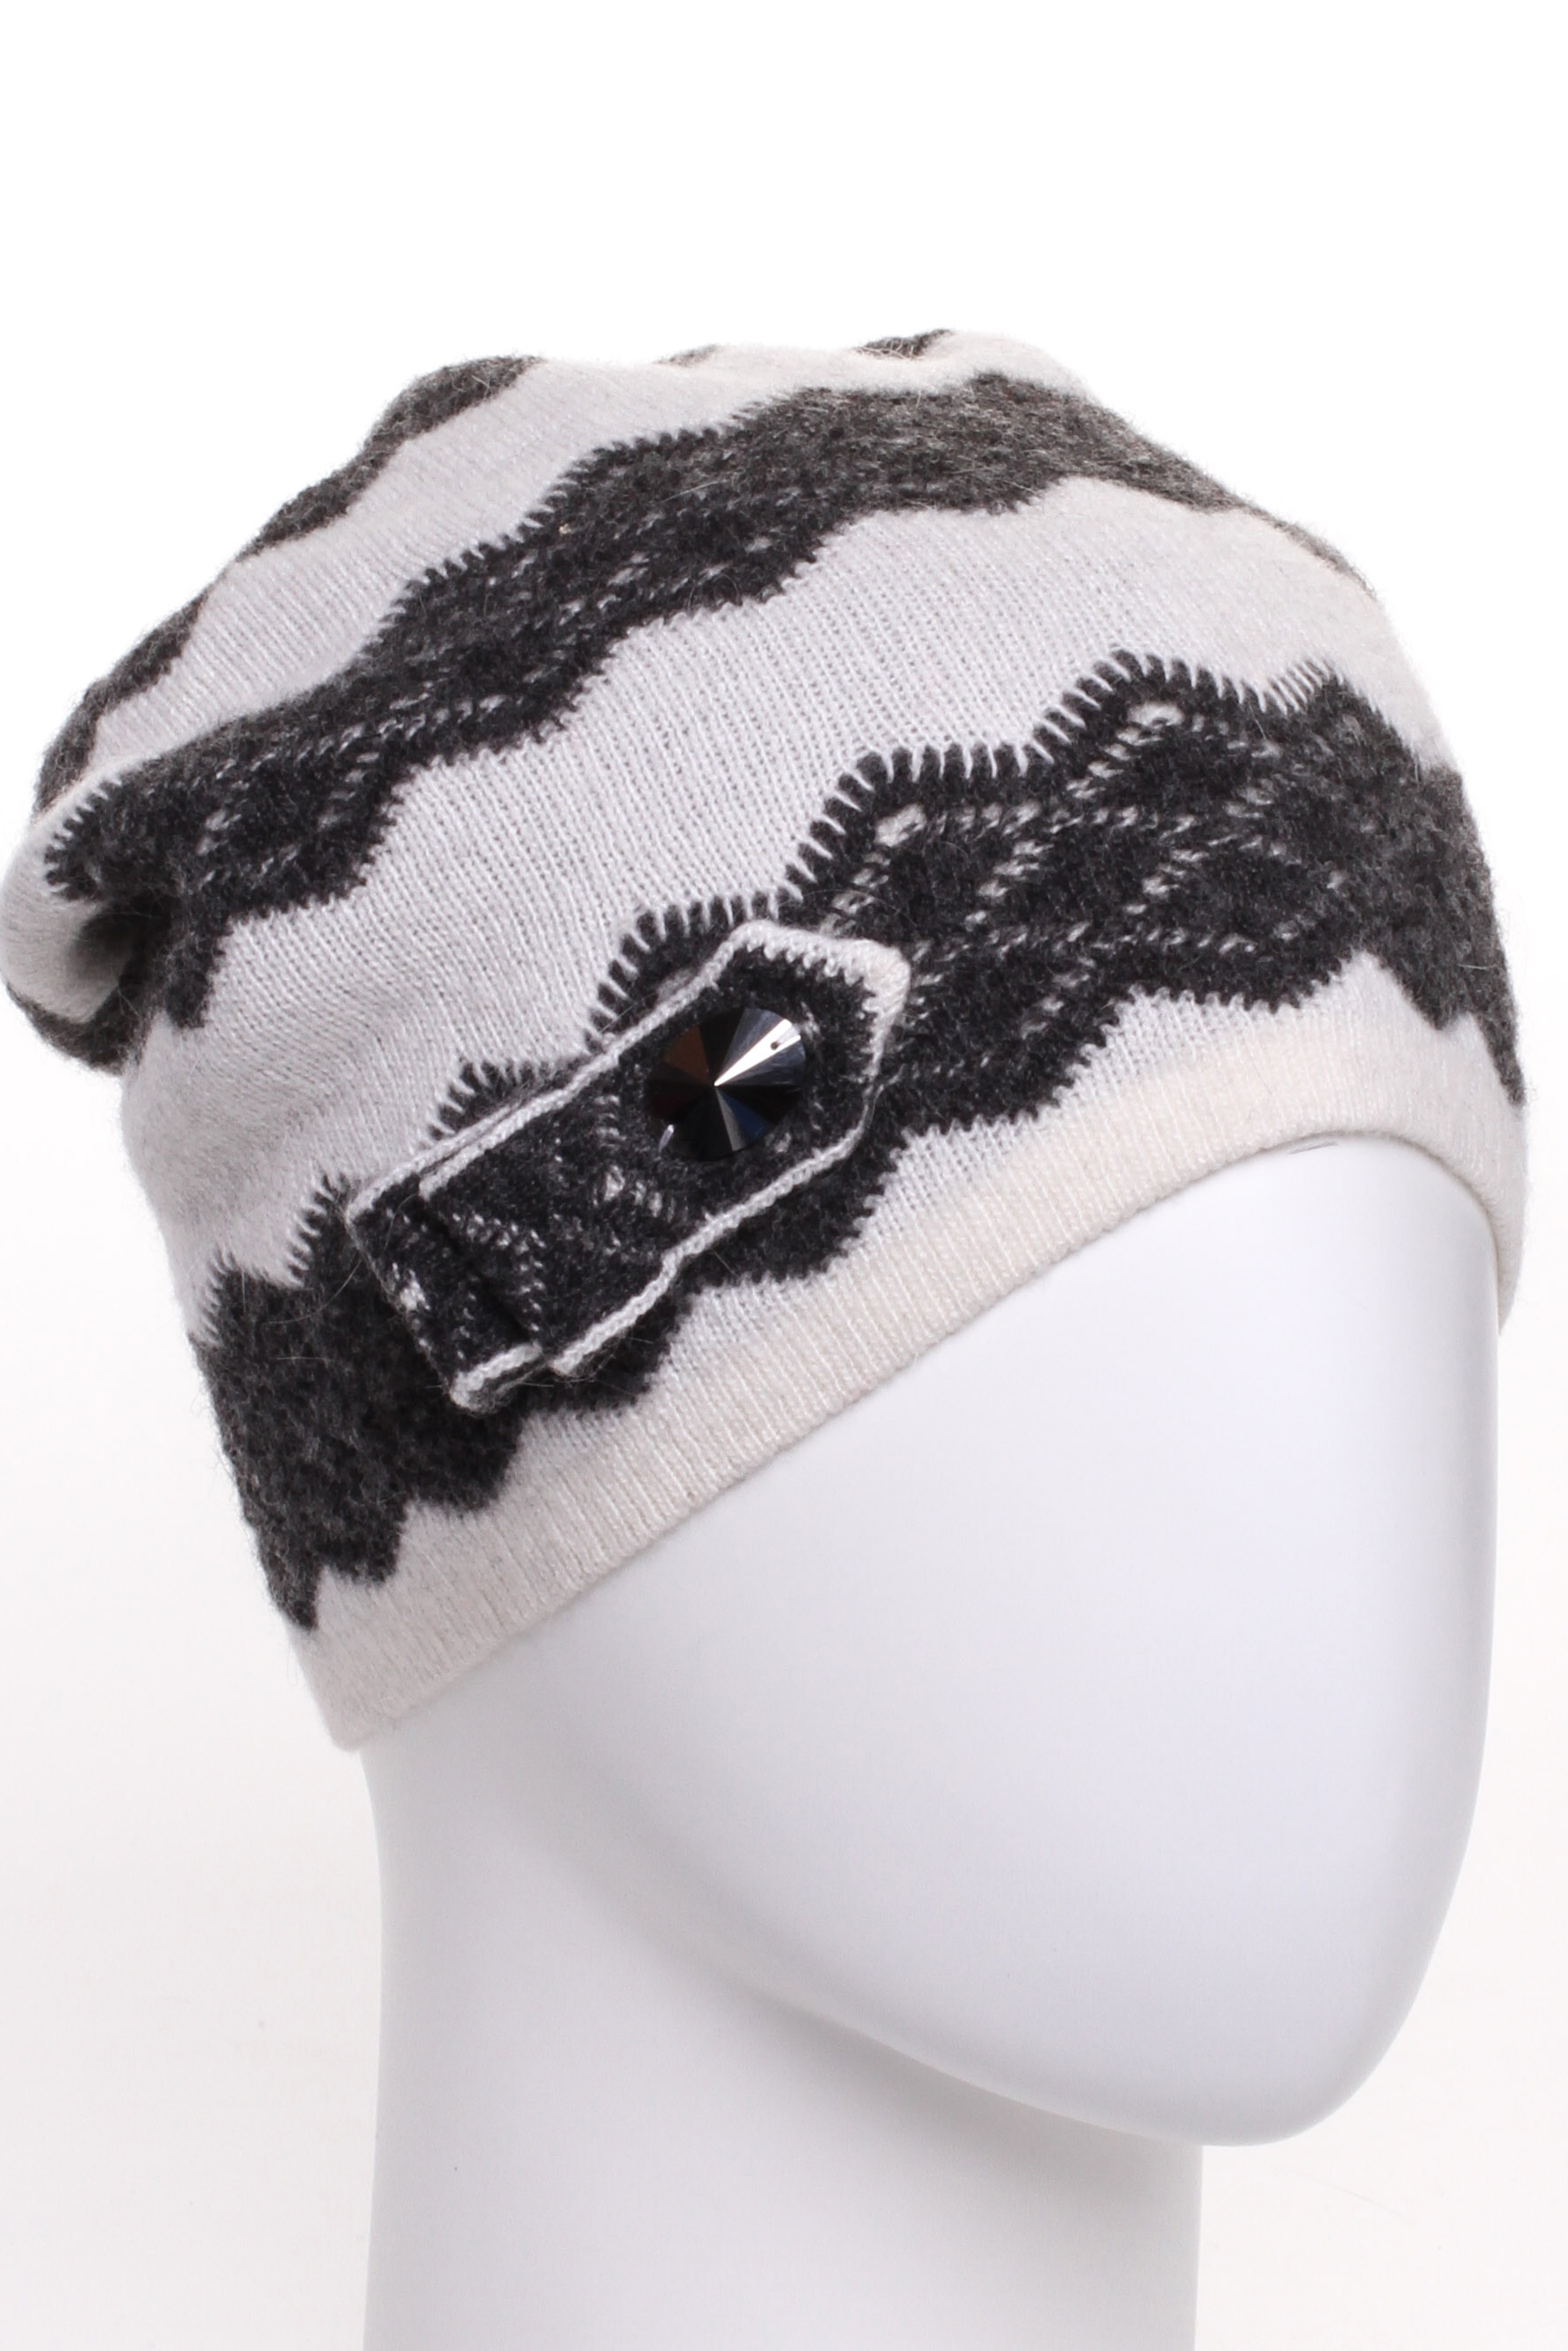 ШапкаШапки<br>Стильная шапка защитит Вас от непогоды и станет прекрасным дополнением Вашего образа.  В изделии использованы цвета: белый, черный<br><br>По материалу: Вязаные<br>По рисунку: В полоску,Цветные<br>По элементам: С декором<br>По сезону: Зима<br>Размер : universal<br>Материал: Вязаное полотно<br>Количество в наличии: 1